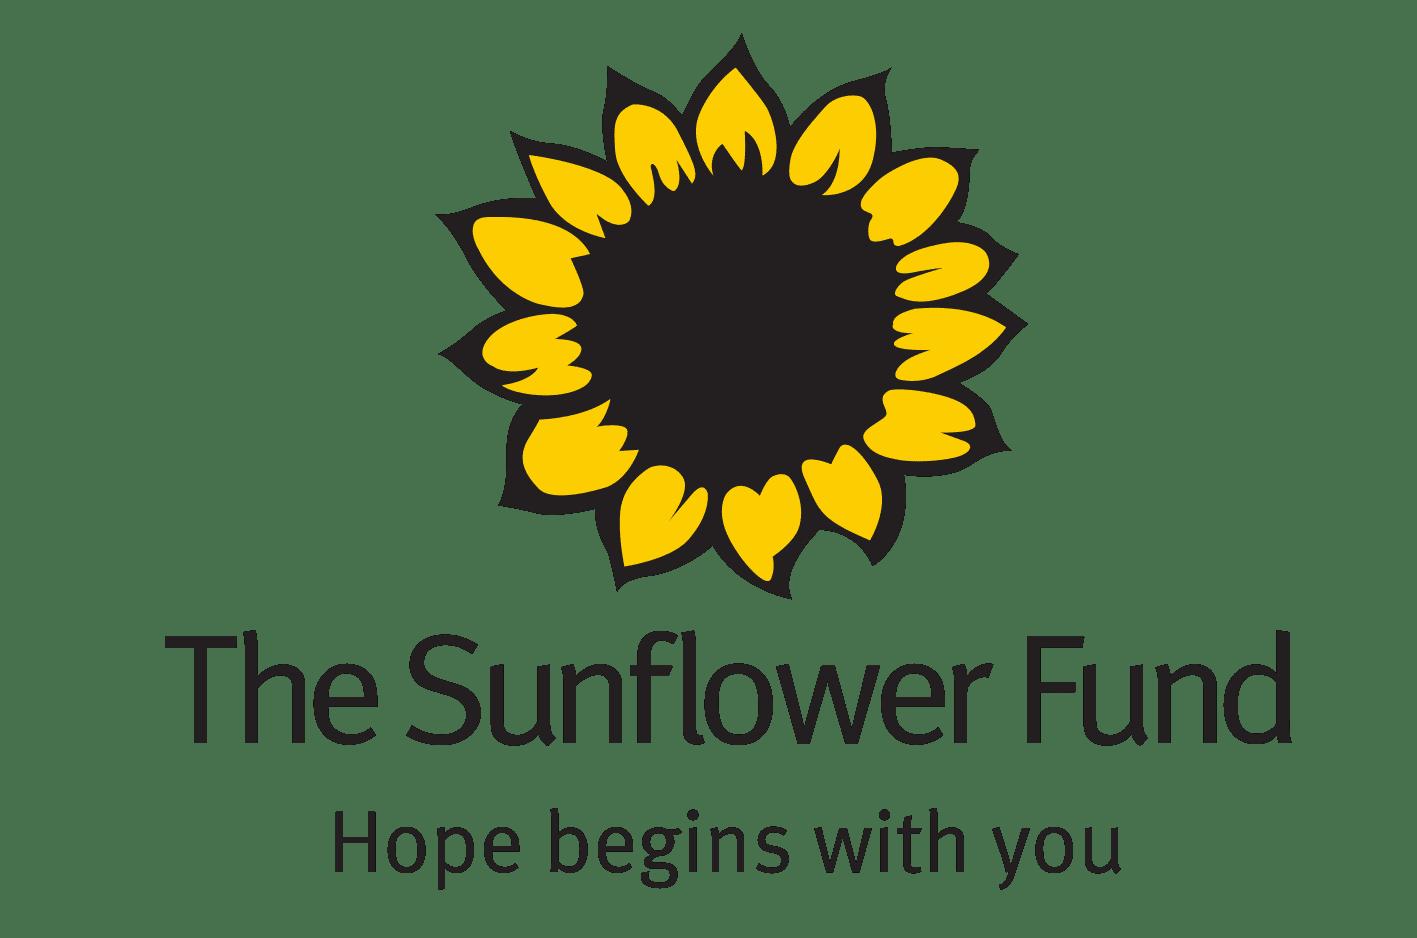 Sunflower fund